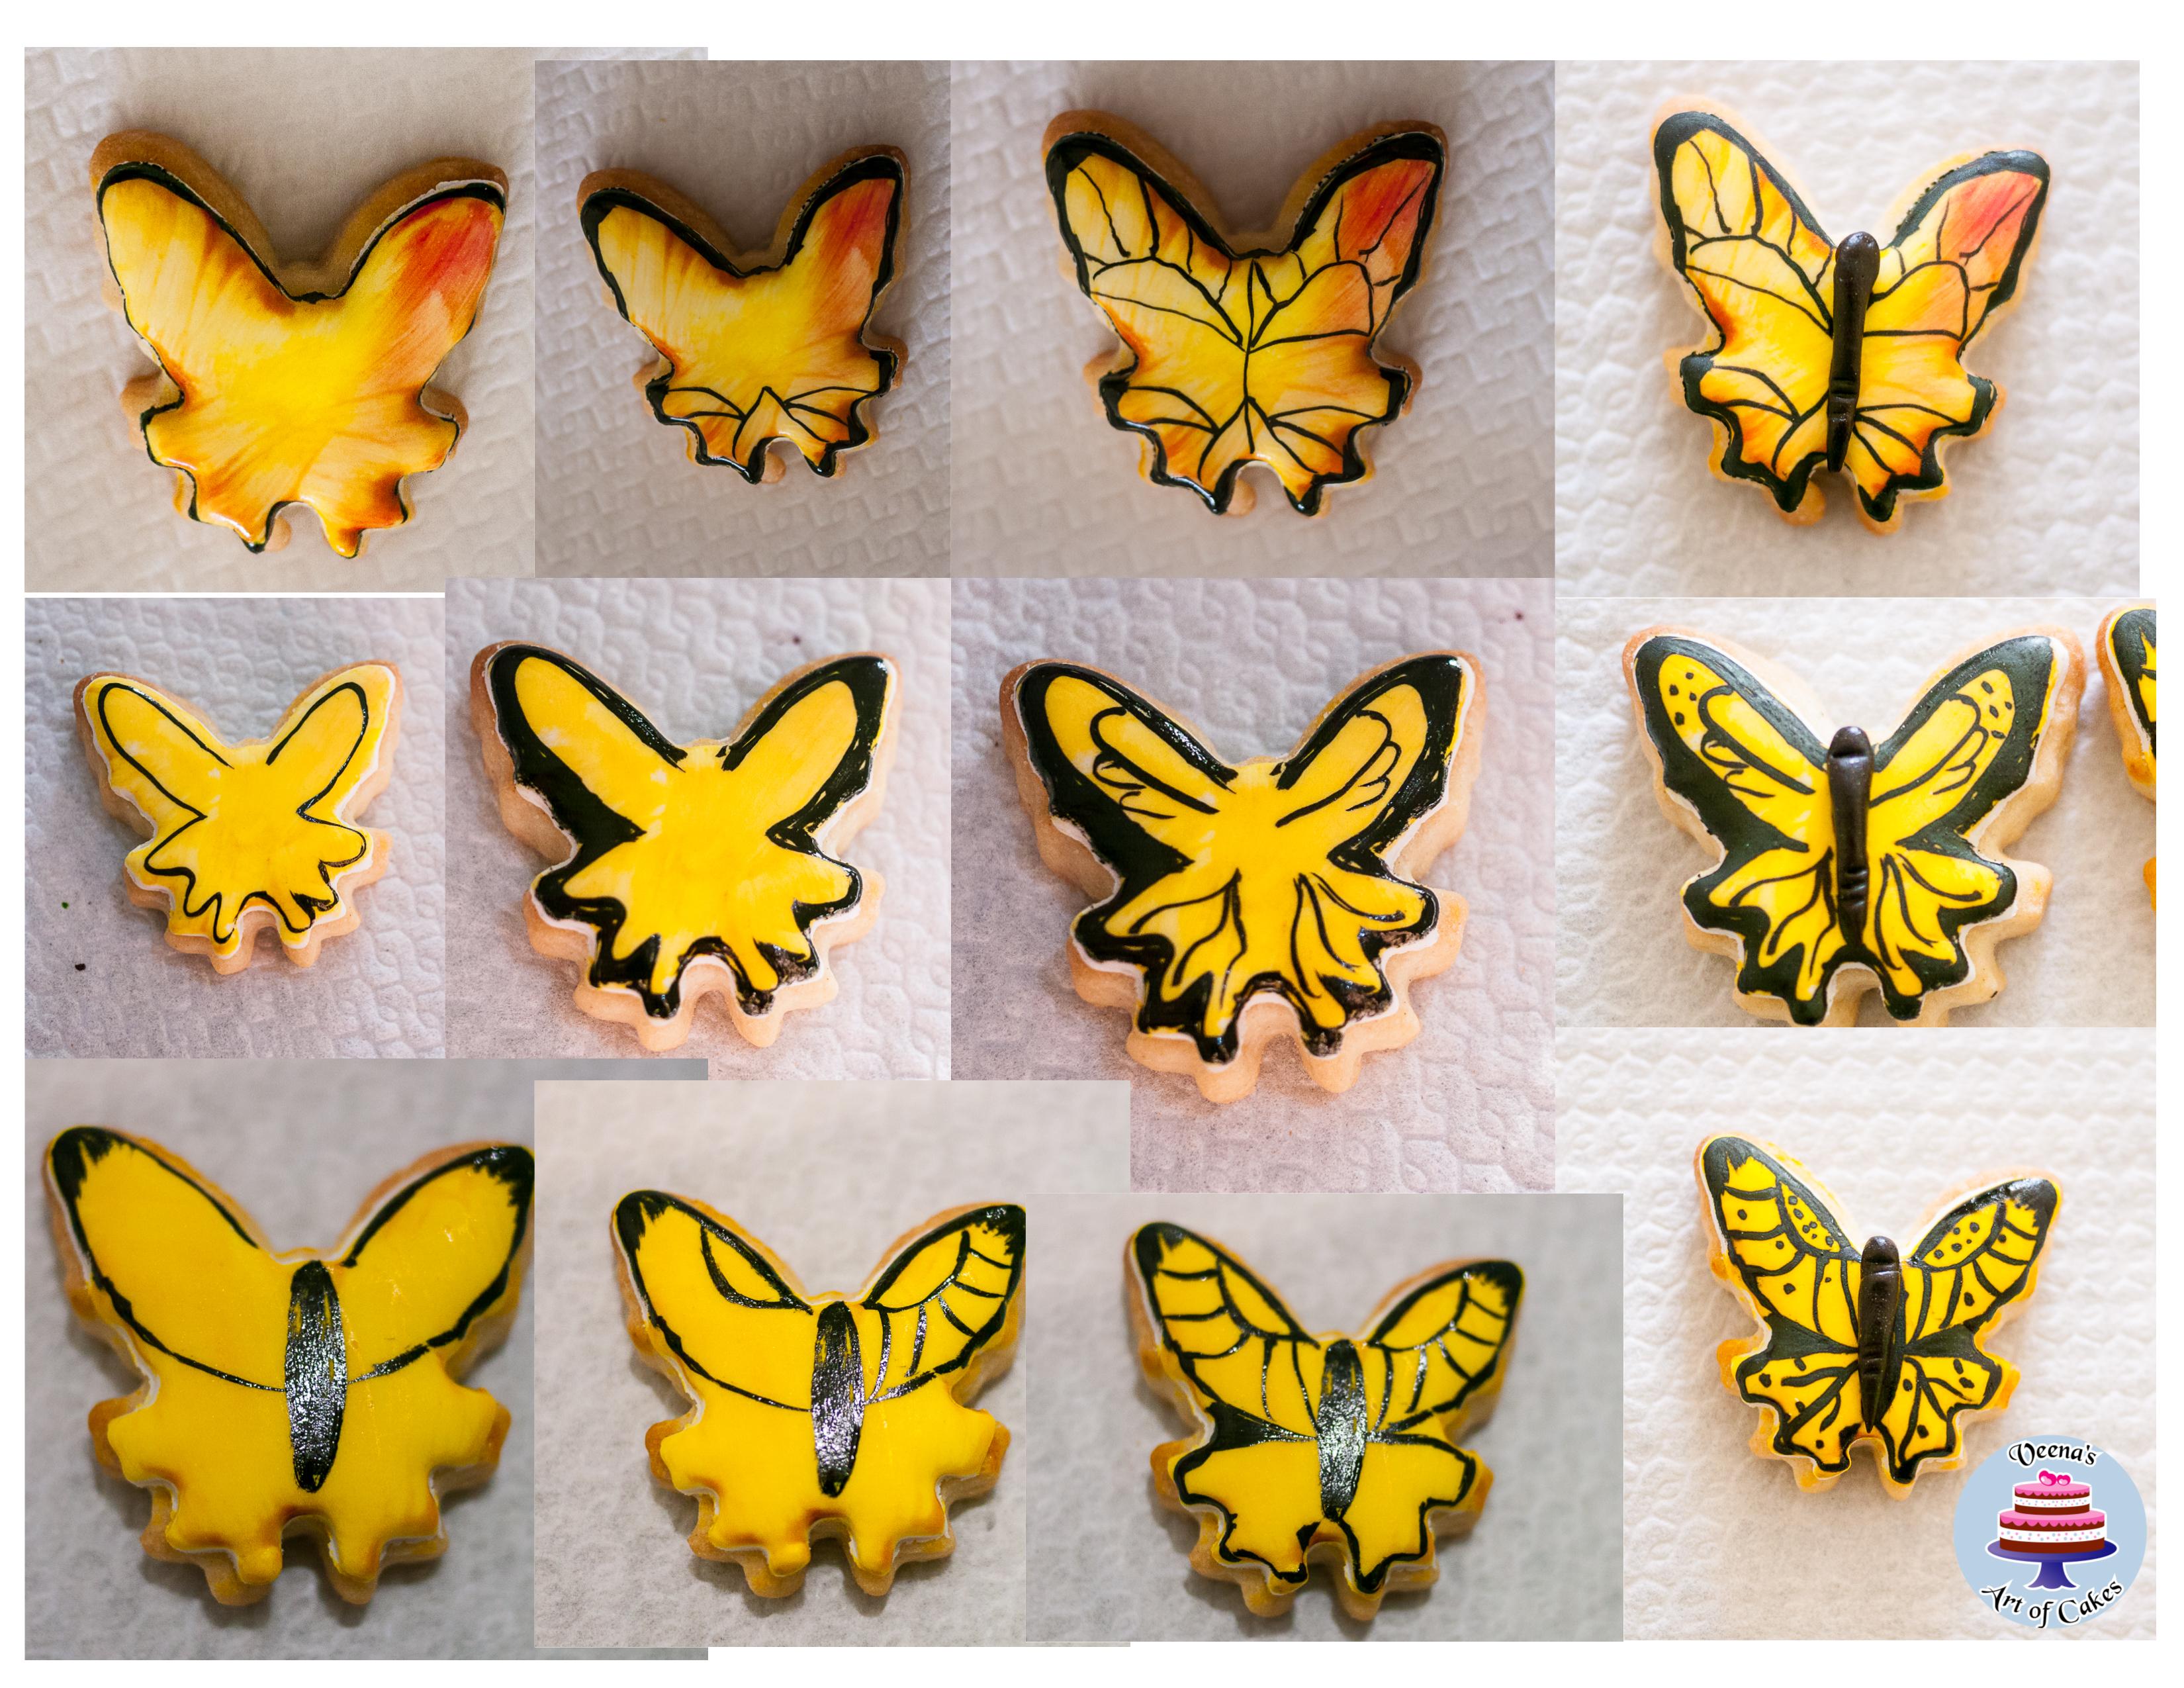 Butterfly-Cookies-2.jpg#asset:9787